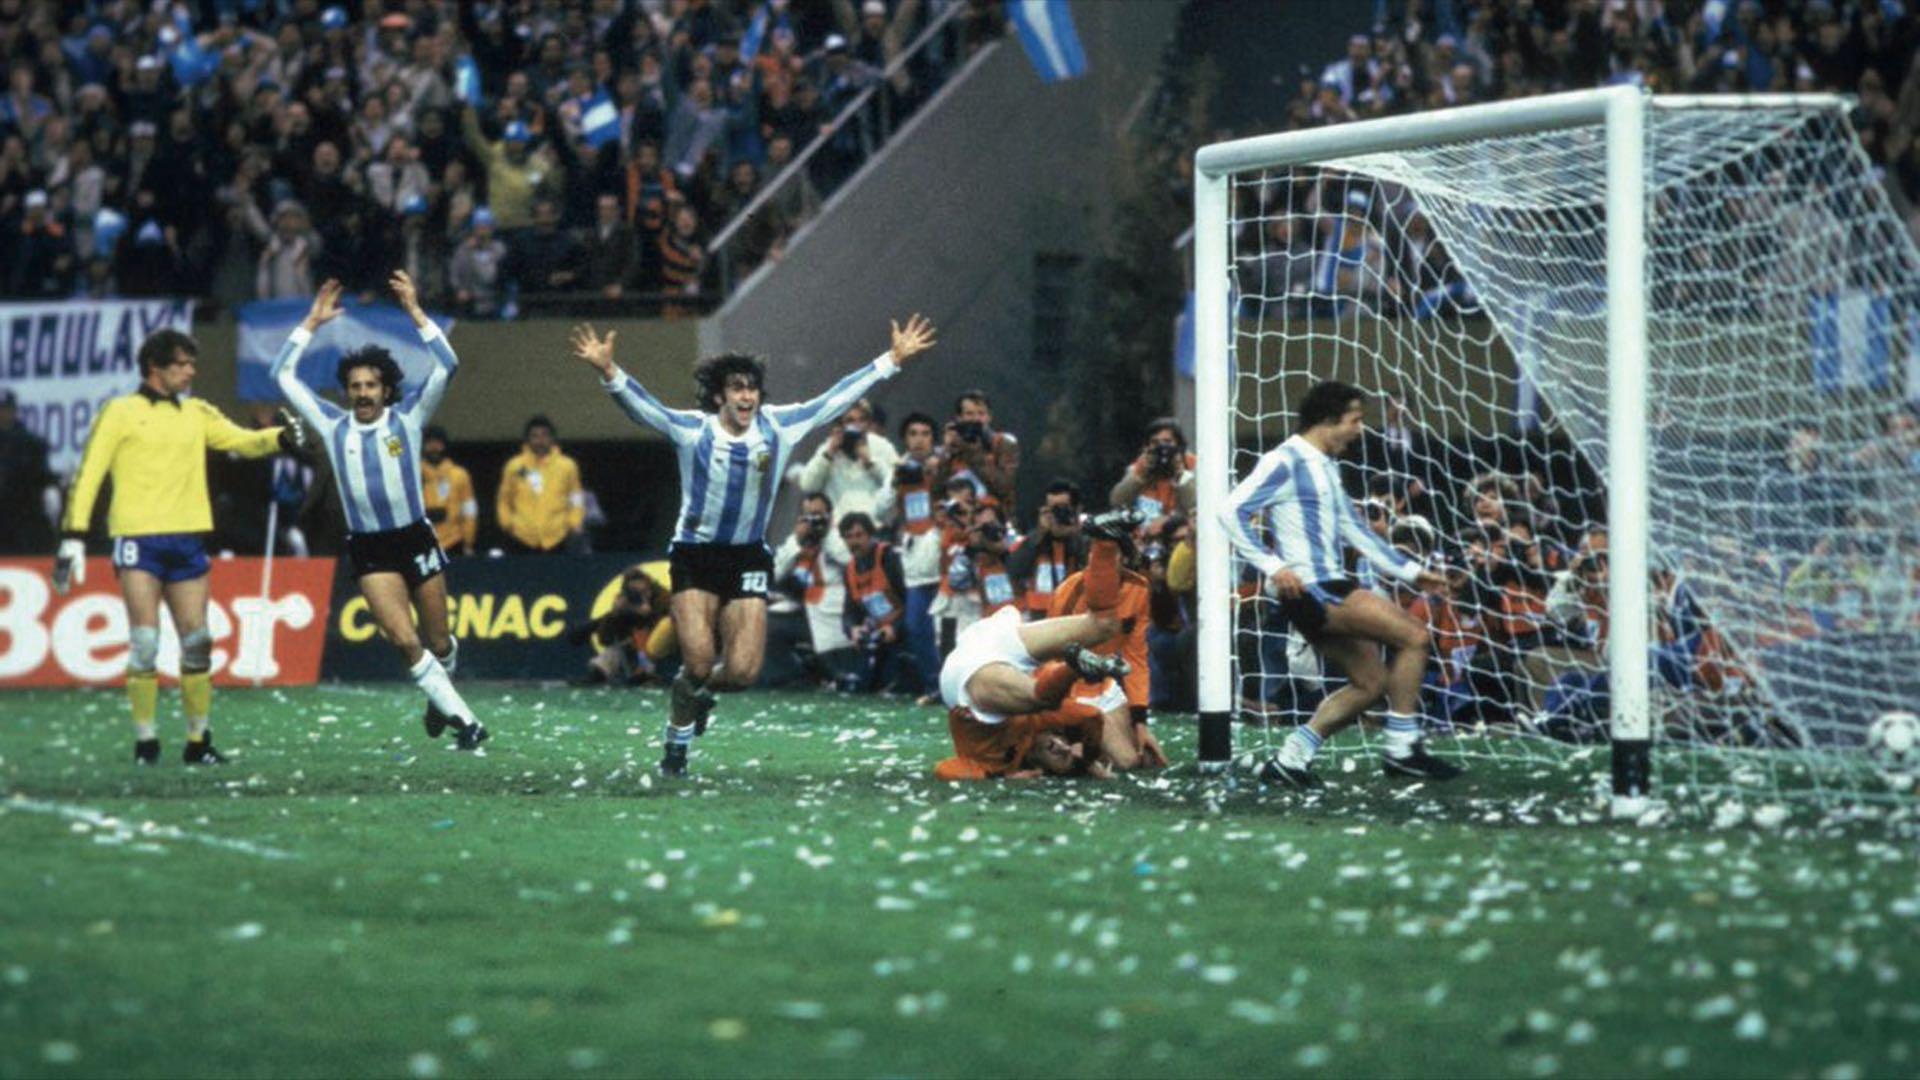 El Matador Kempes celebra suprimer gol en la final frente a Holanda.